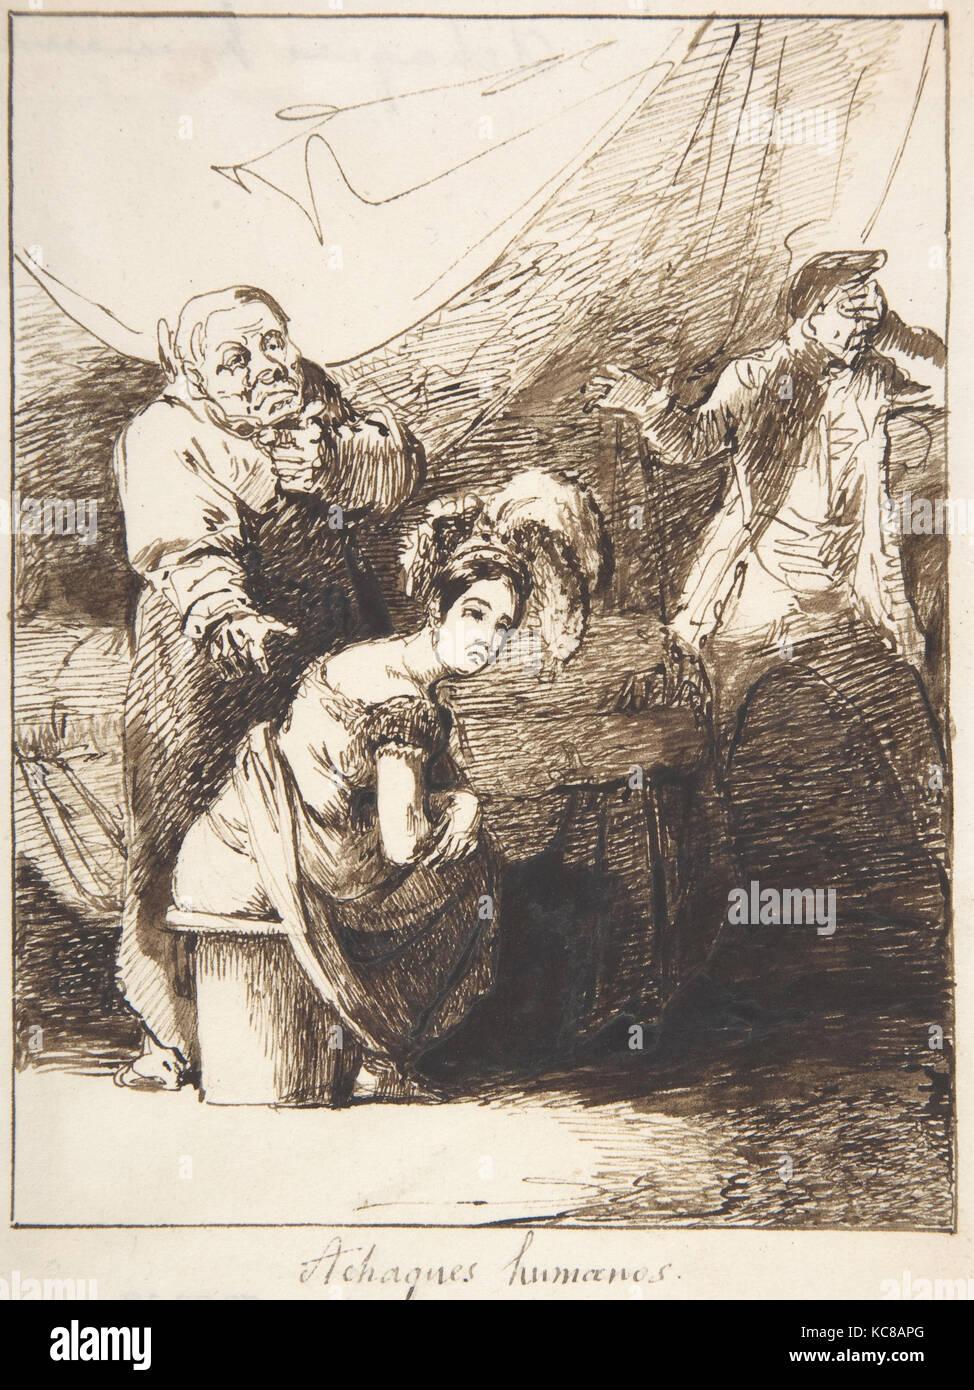 """Menschliche Erkrankungen ('achaques kanalisieren""""), Leonardo Alenza y Nieto, 1807-45 Stockbild"""